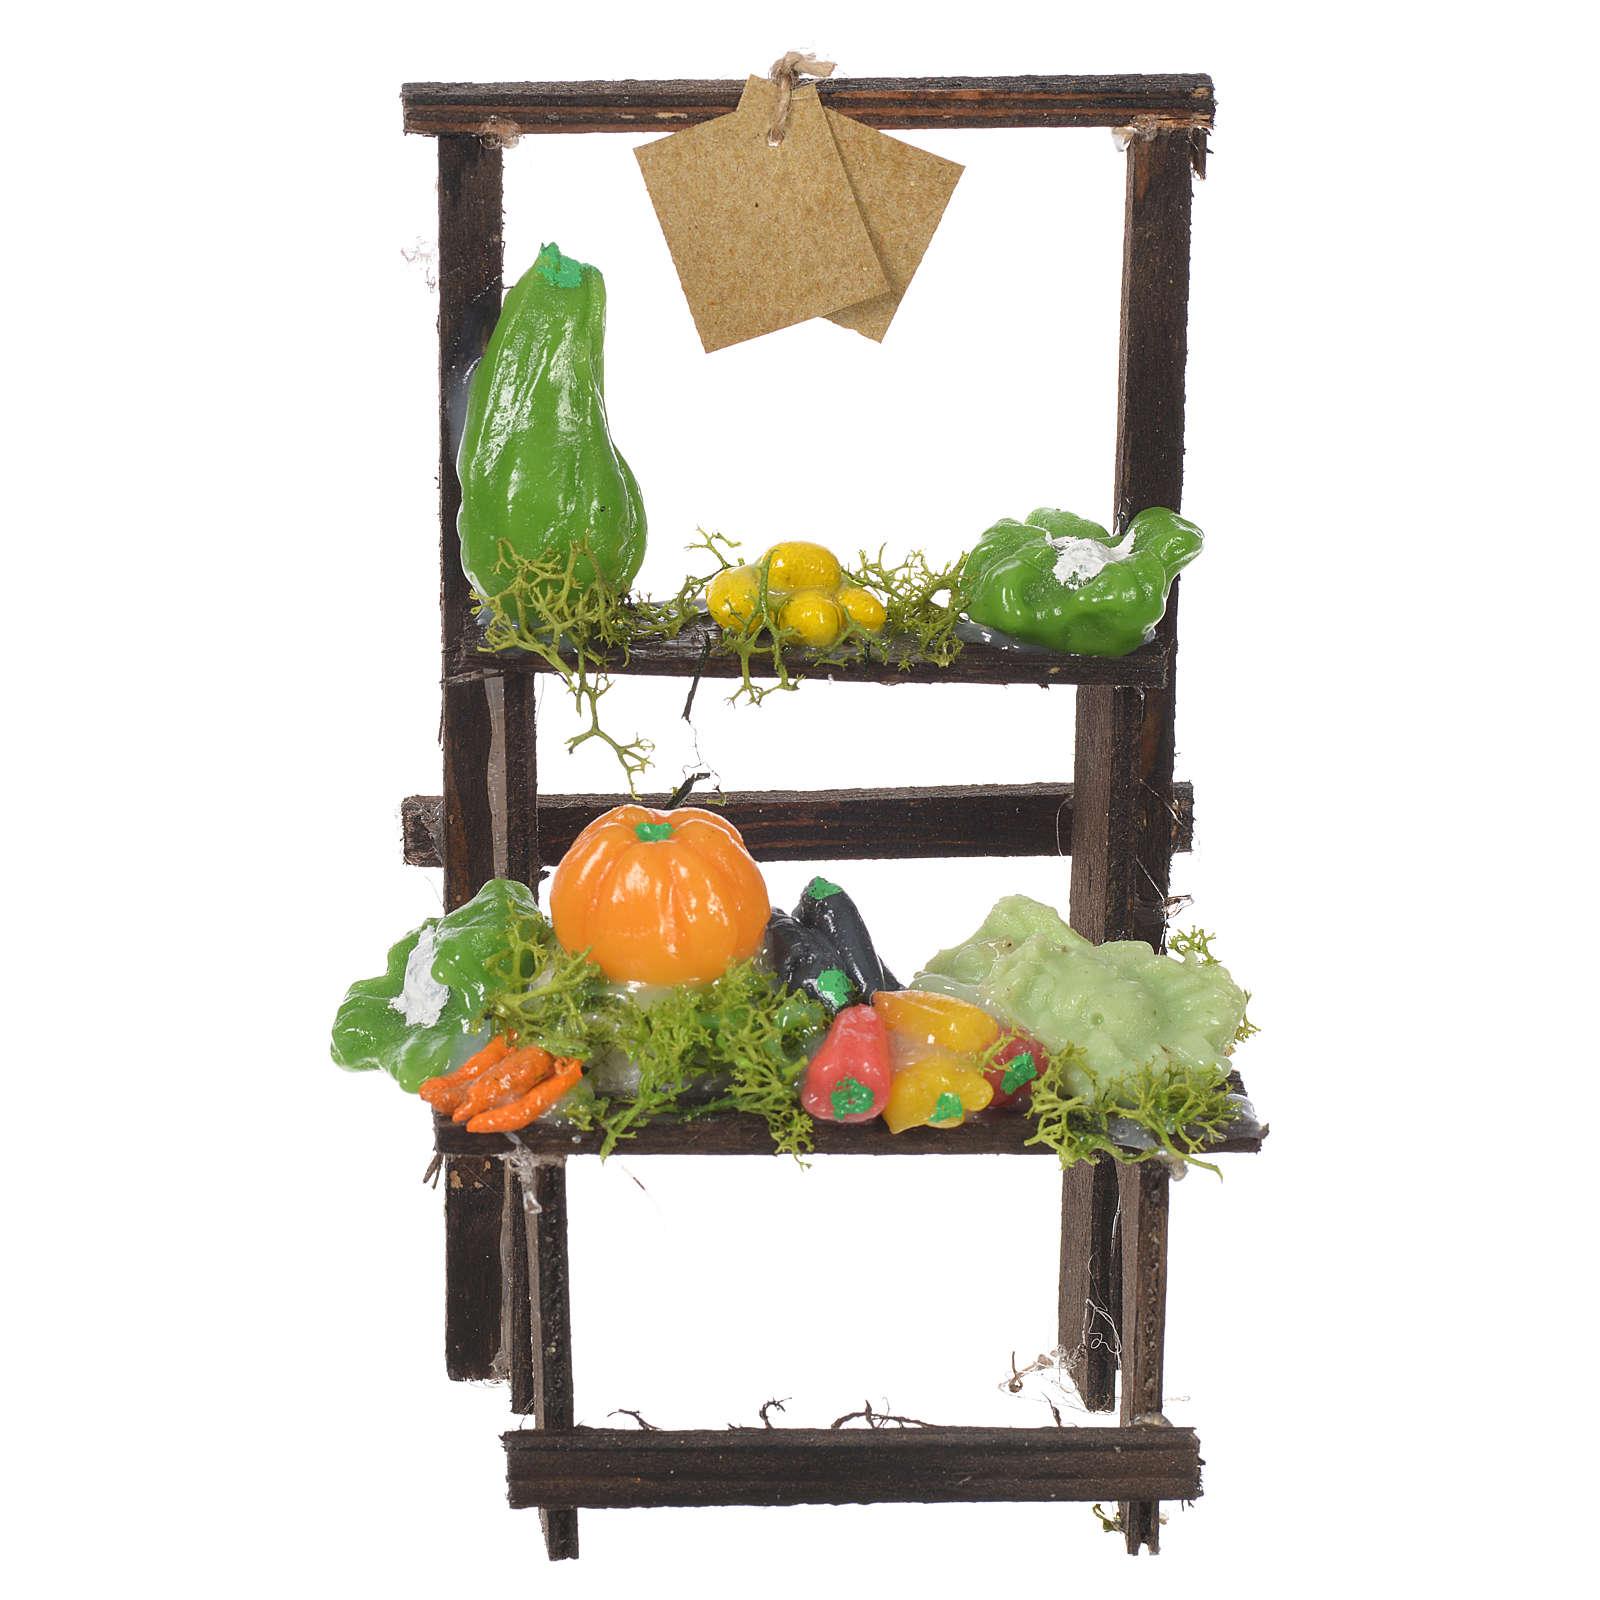 Banc vendeur de fruits cire crèche 13,5x8x5,5 cm 4